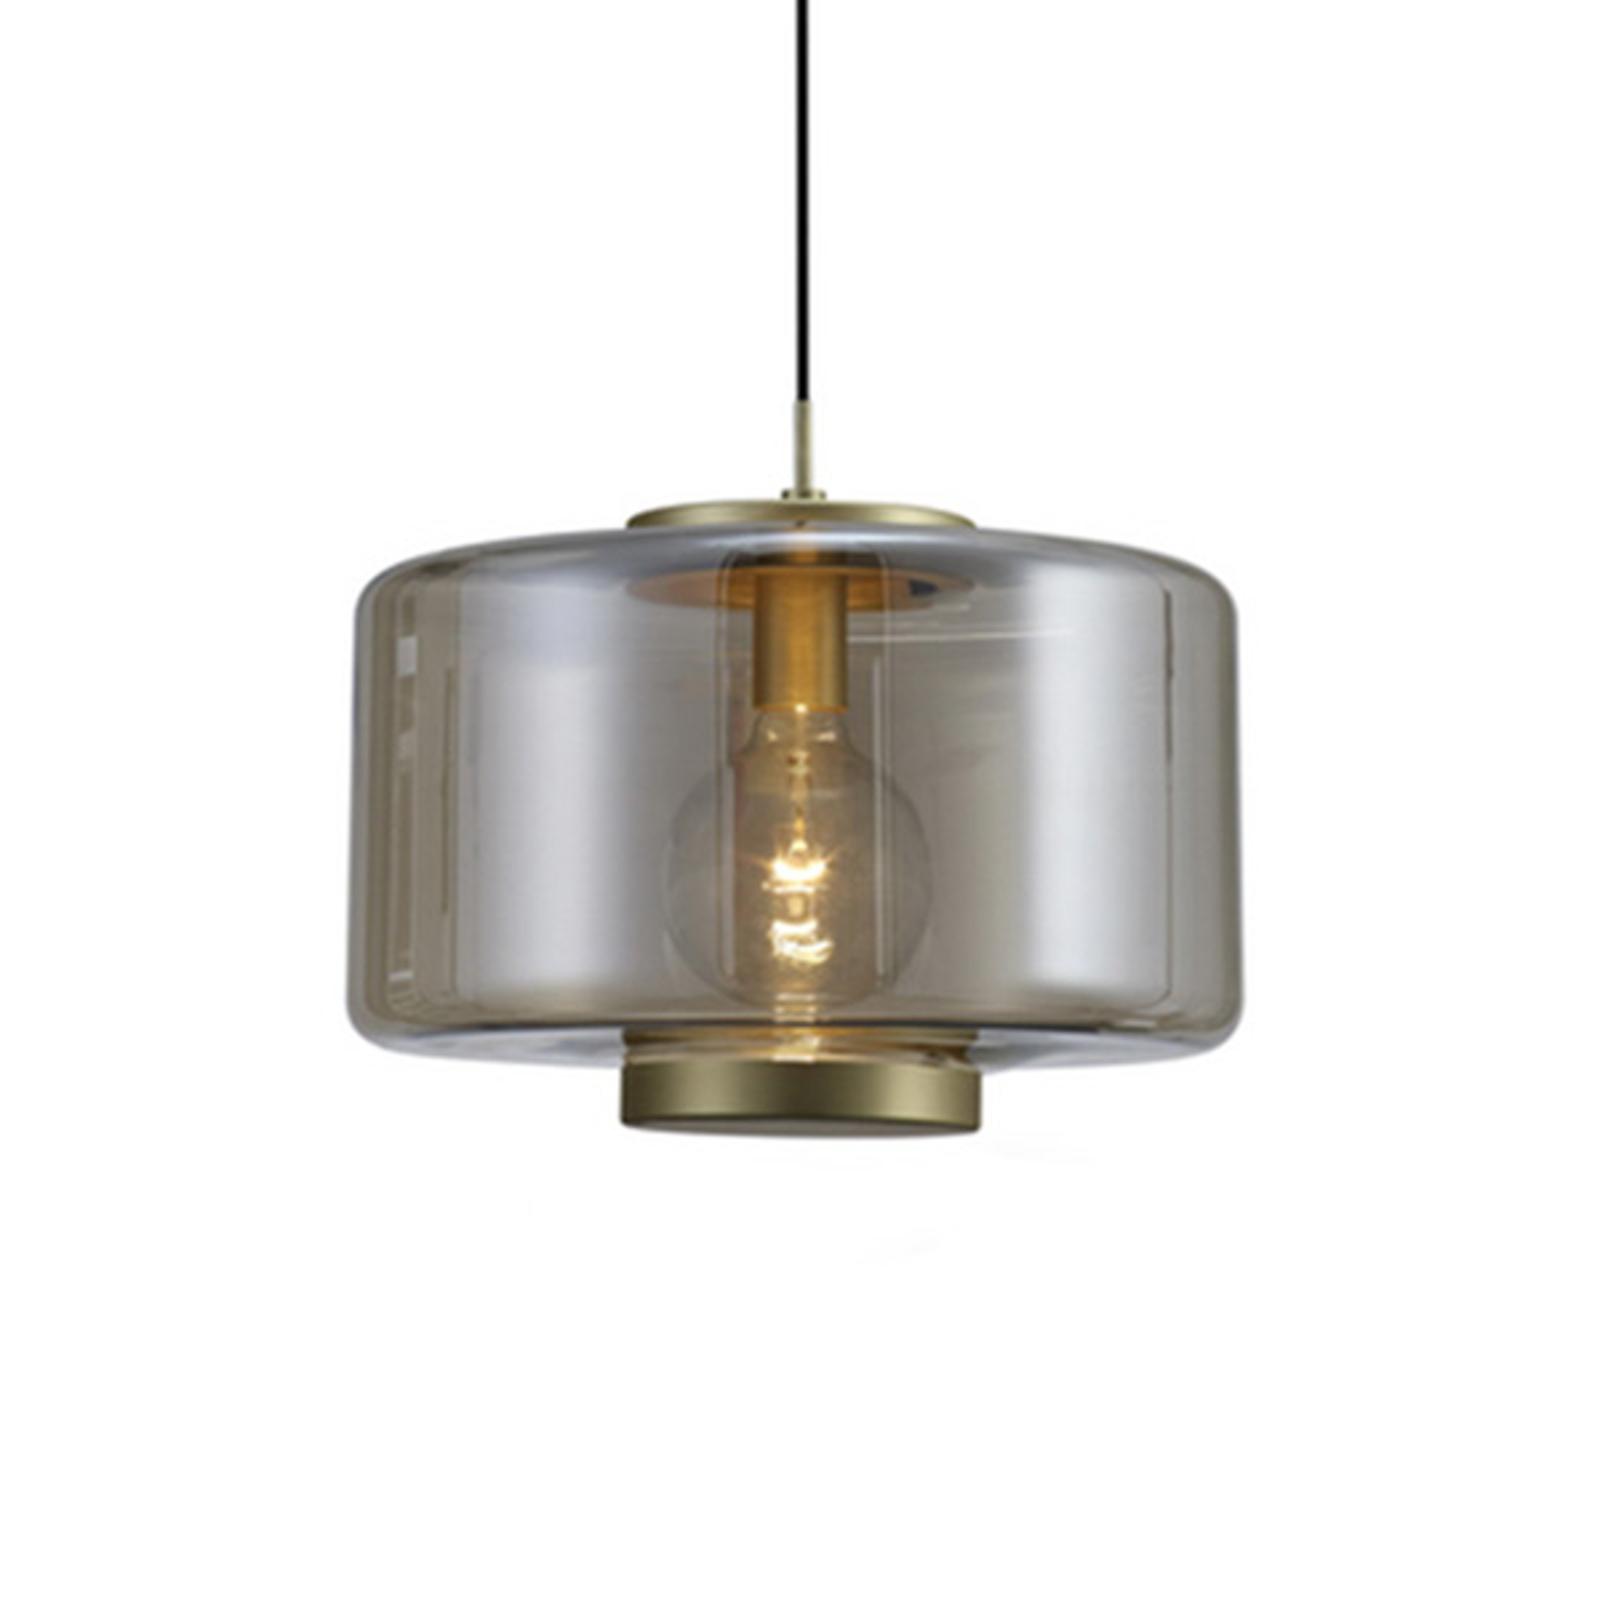 Lampa wisząca Jarras ze szkła Ø 40 cm, brąz